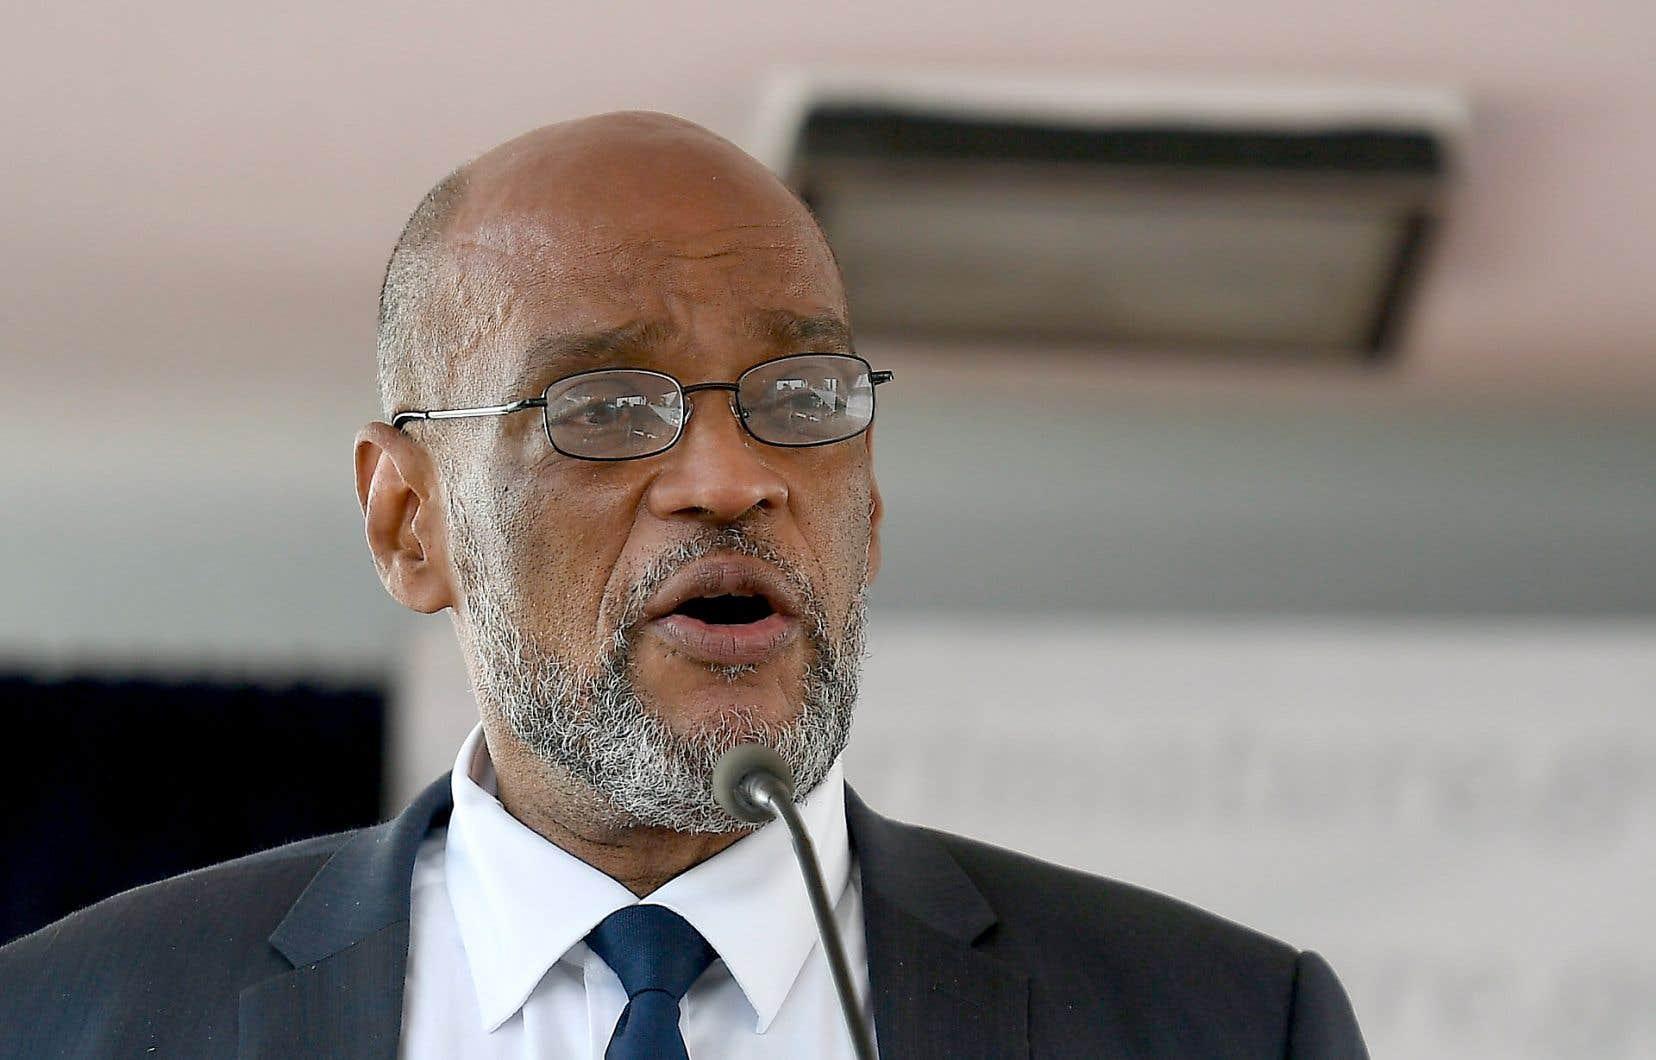 Le chef du parquet de Port-au-Prince a demandé au juge d'inculper le premier ministre, Ariel Henry (photo), en raison d'appels téléphoniques qu'il aurait eus avec l'un des principaux suspects dans l'affaire.